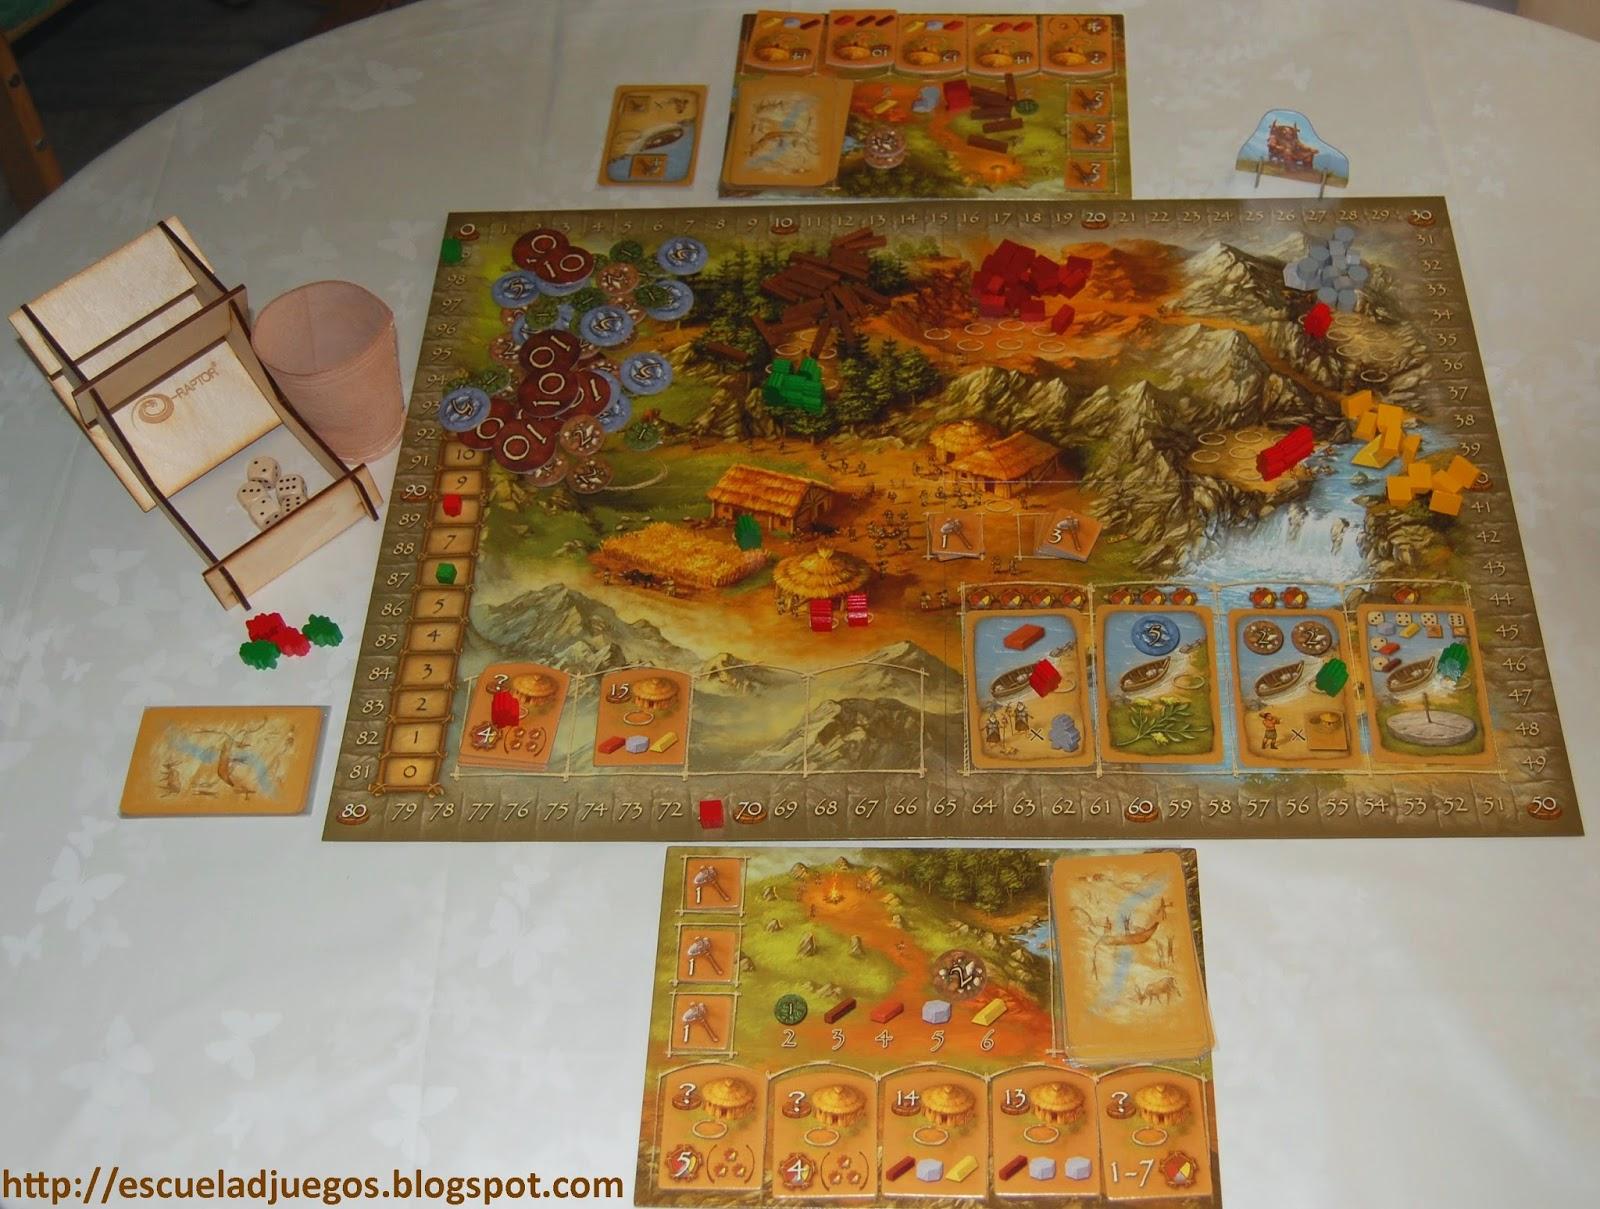 Reseña de Stone Age, juego de mesa para entre 2 y 4 jugadores, publicado en español por Devir.